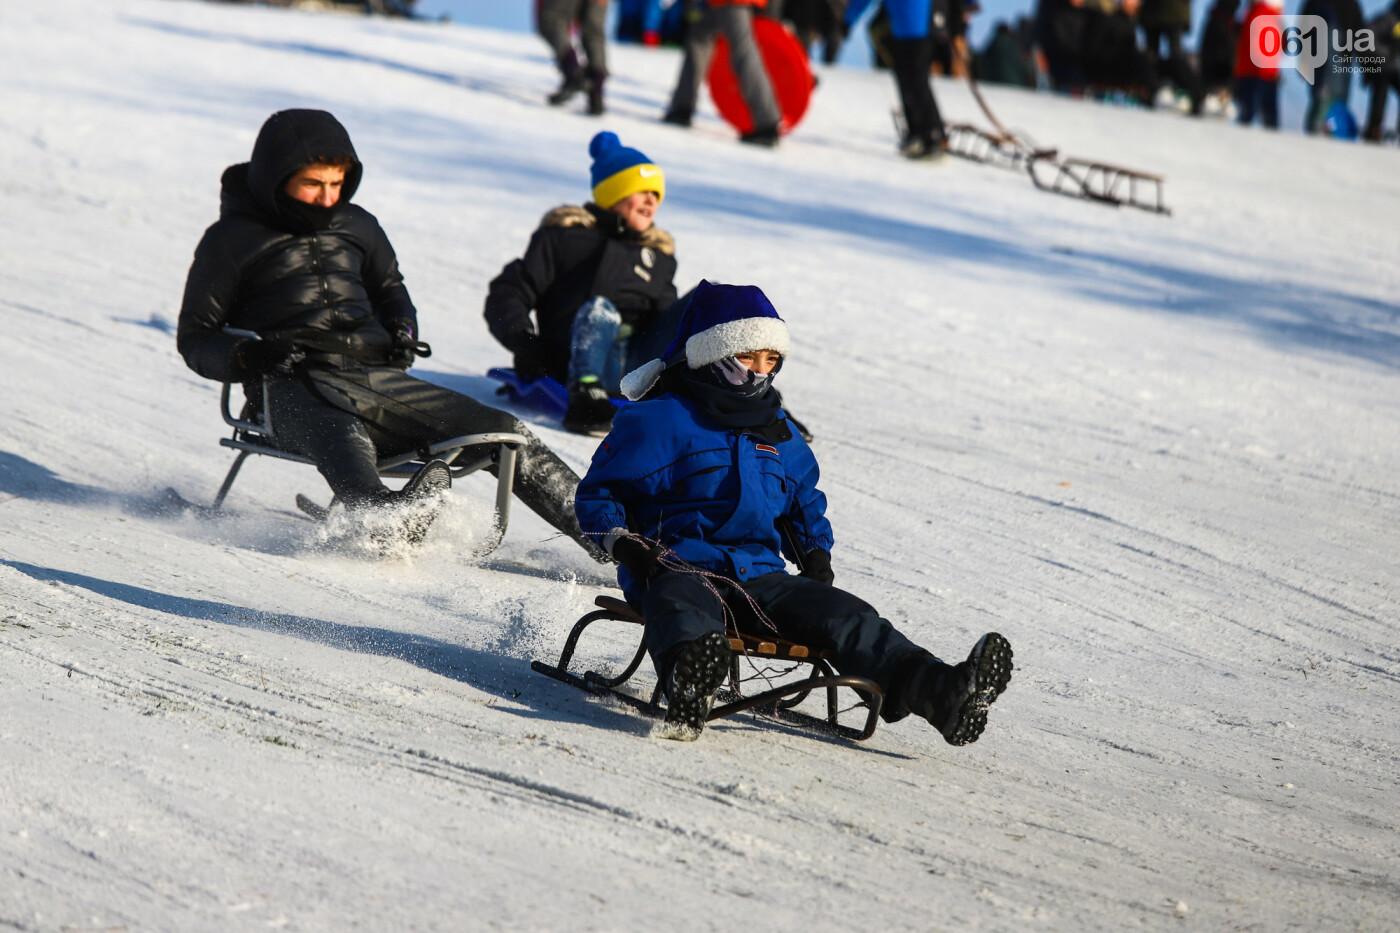 На санках, лыжах и сноуборде: запорожцы устроили массовое катание с горок в Вознесеновском парке, - ФОТОРЕПОРТАЖ, фото-24